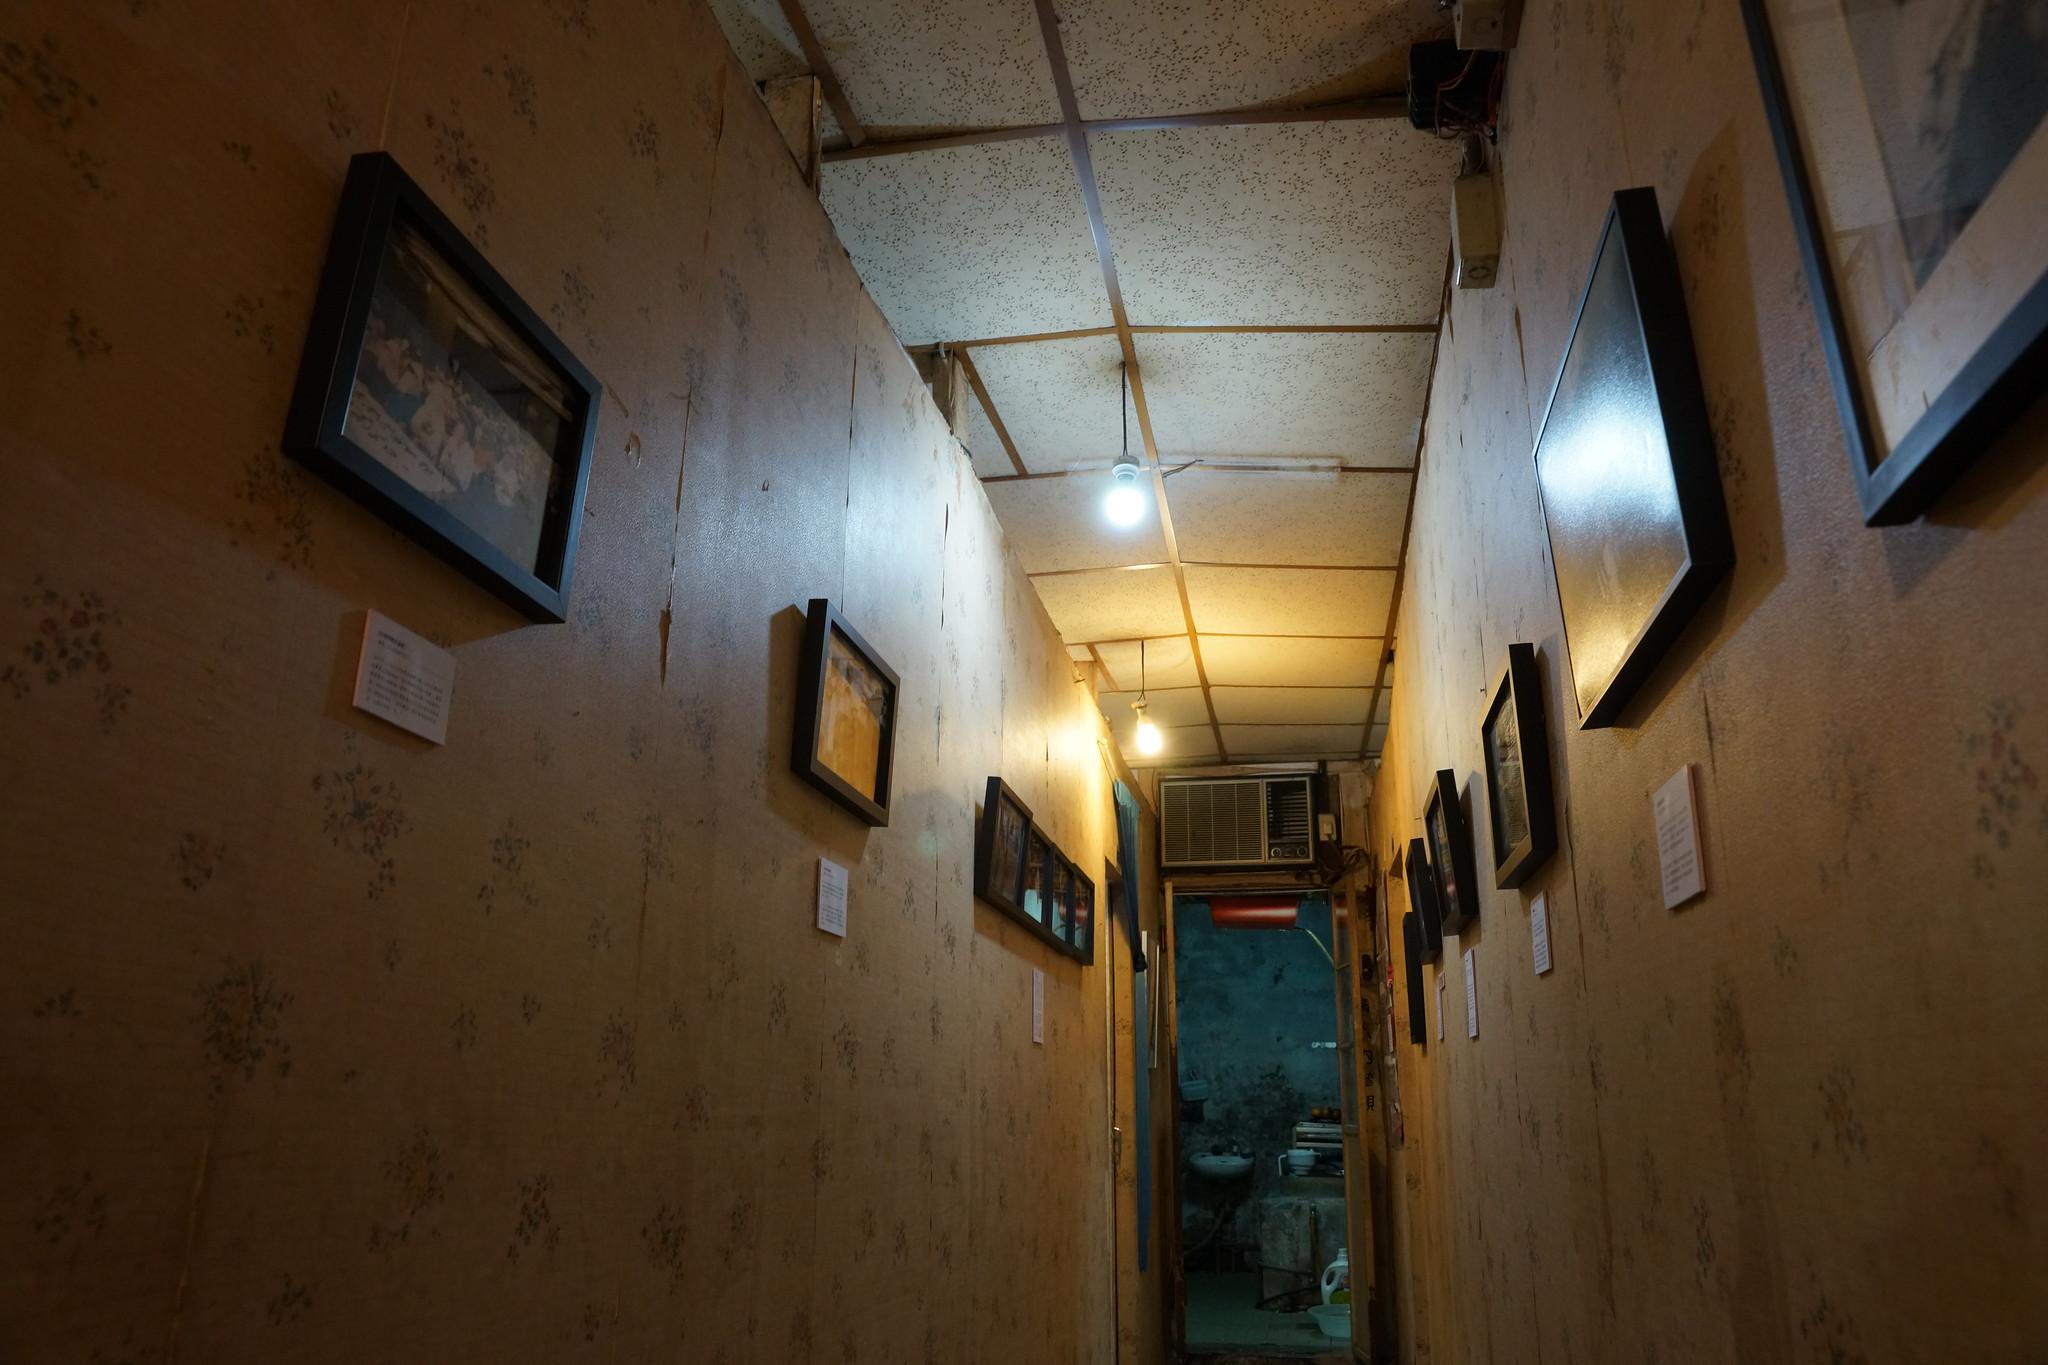 文萌樓裡陳列著紀錄公娼們生命與抗爭歷程的攝影作品。(攝影:王顥中)